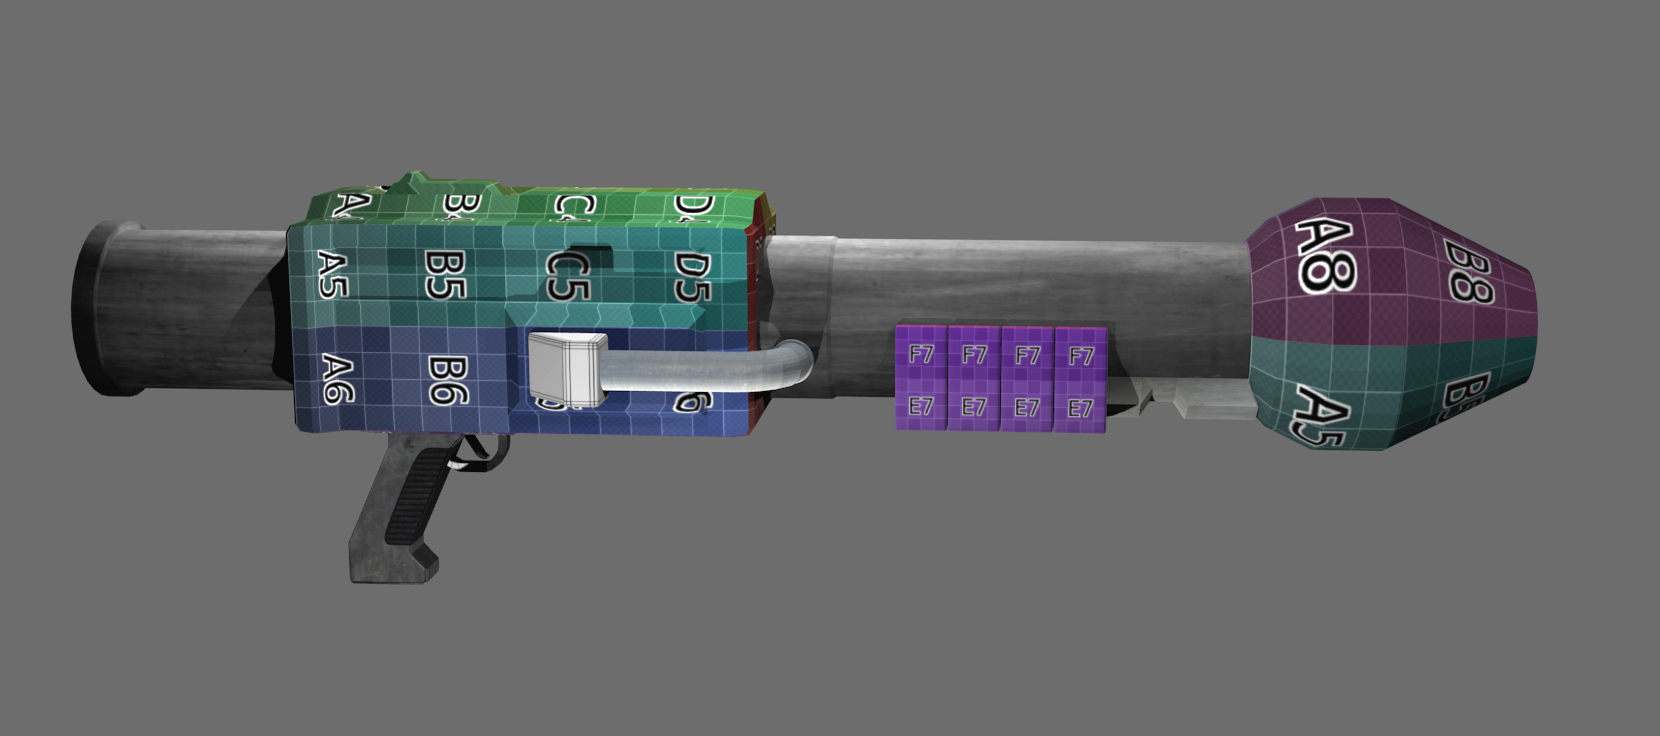 Doom Rocket Launcher 3D model textures WIP by Treeko on